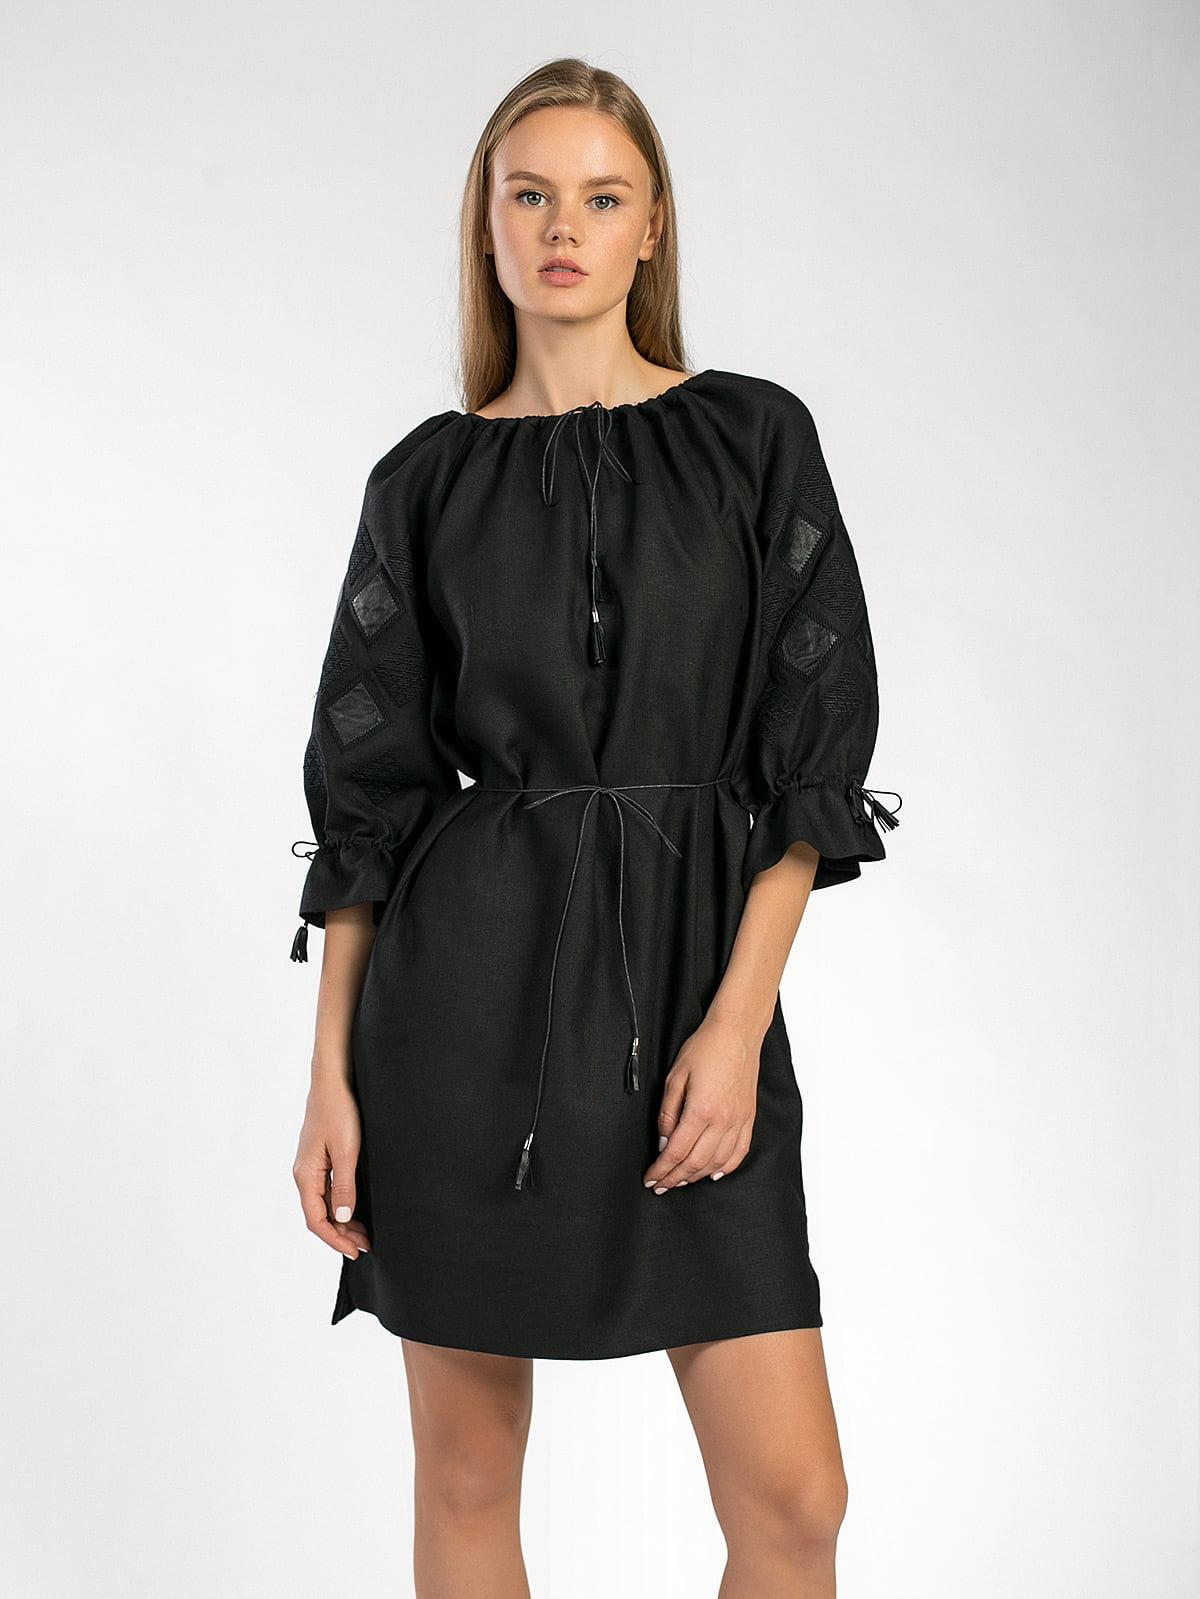 Чорна лляна сукня з шкіряними декоративними вставкми ETHNO1 – купити ... 9073c773f9976